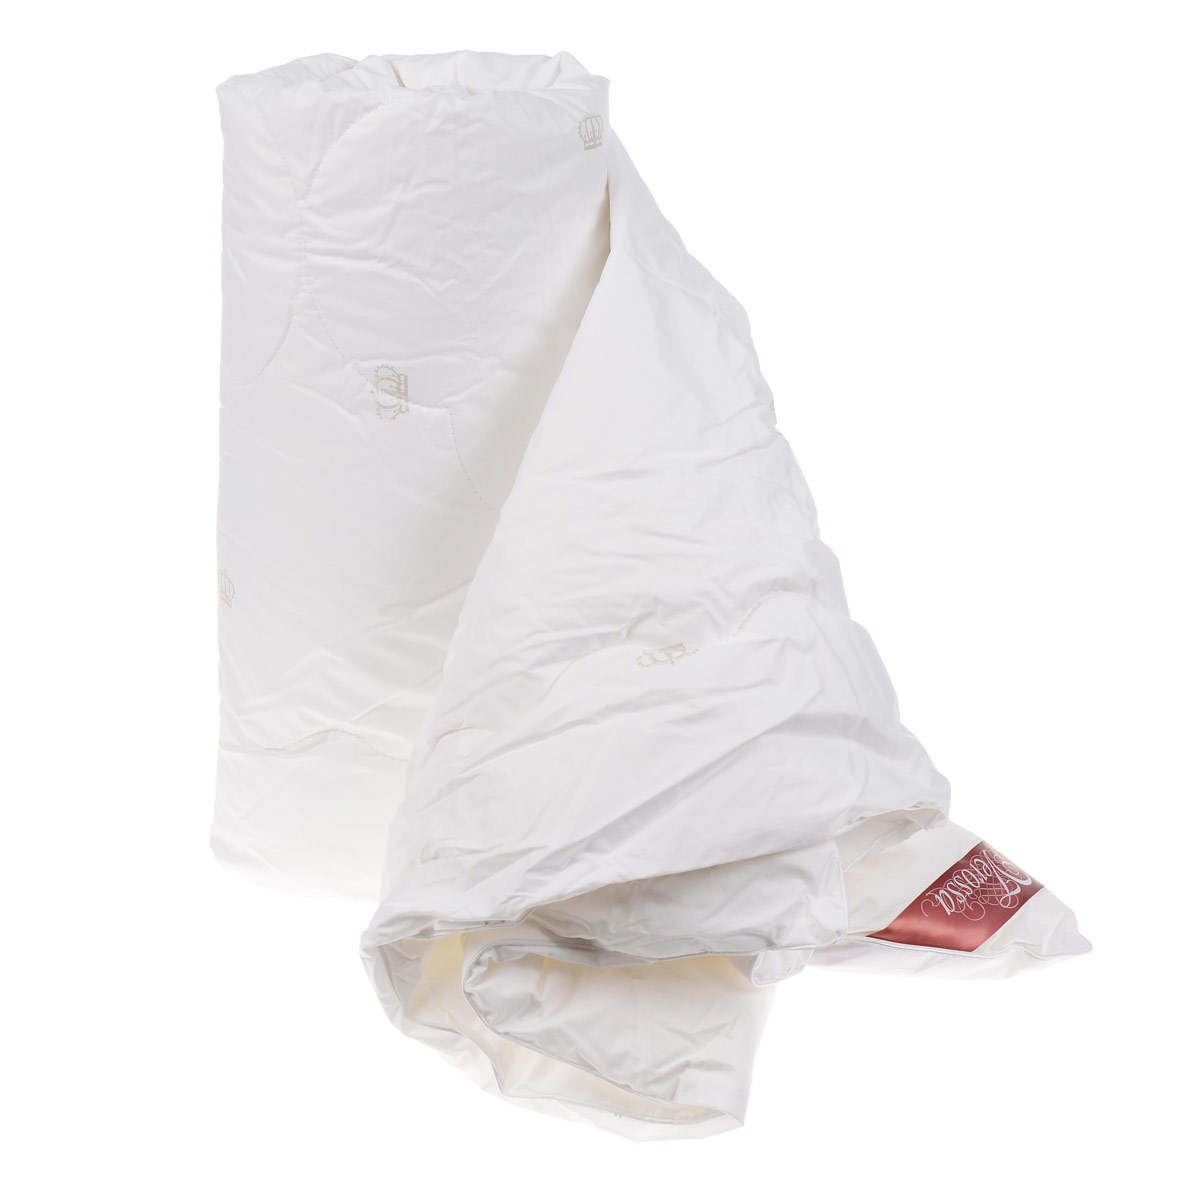 """Одеяло """"Verossa"""", наполнитель: лебяжий пух, цвет: белый, 200 см х 220 см"""